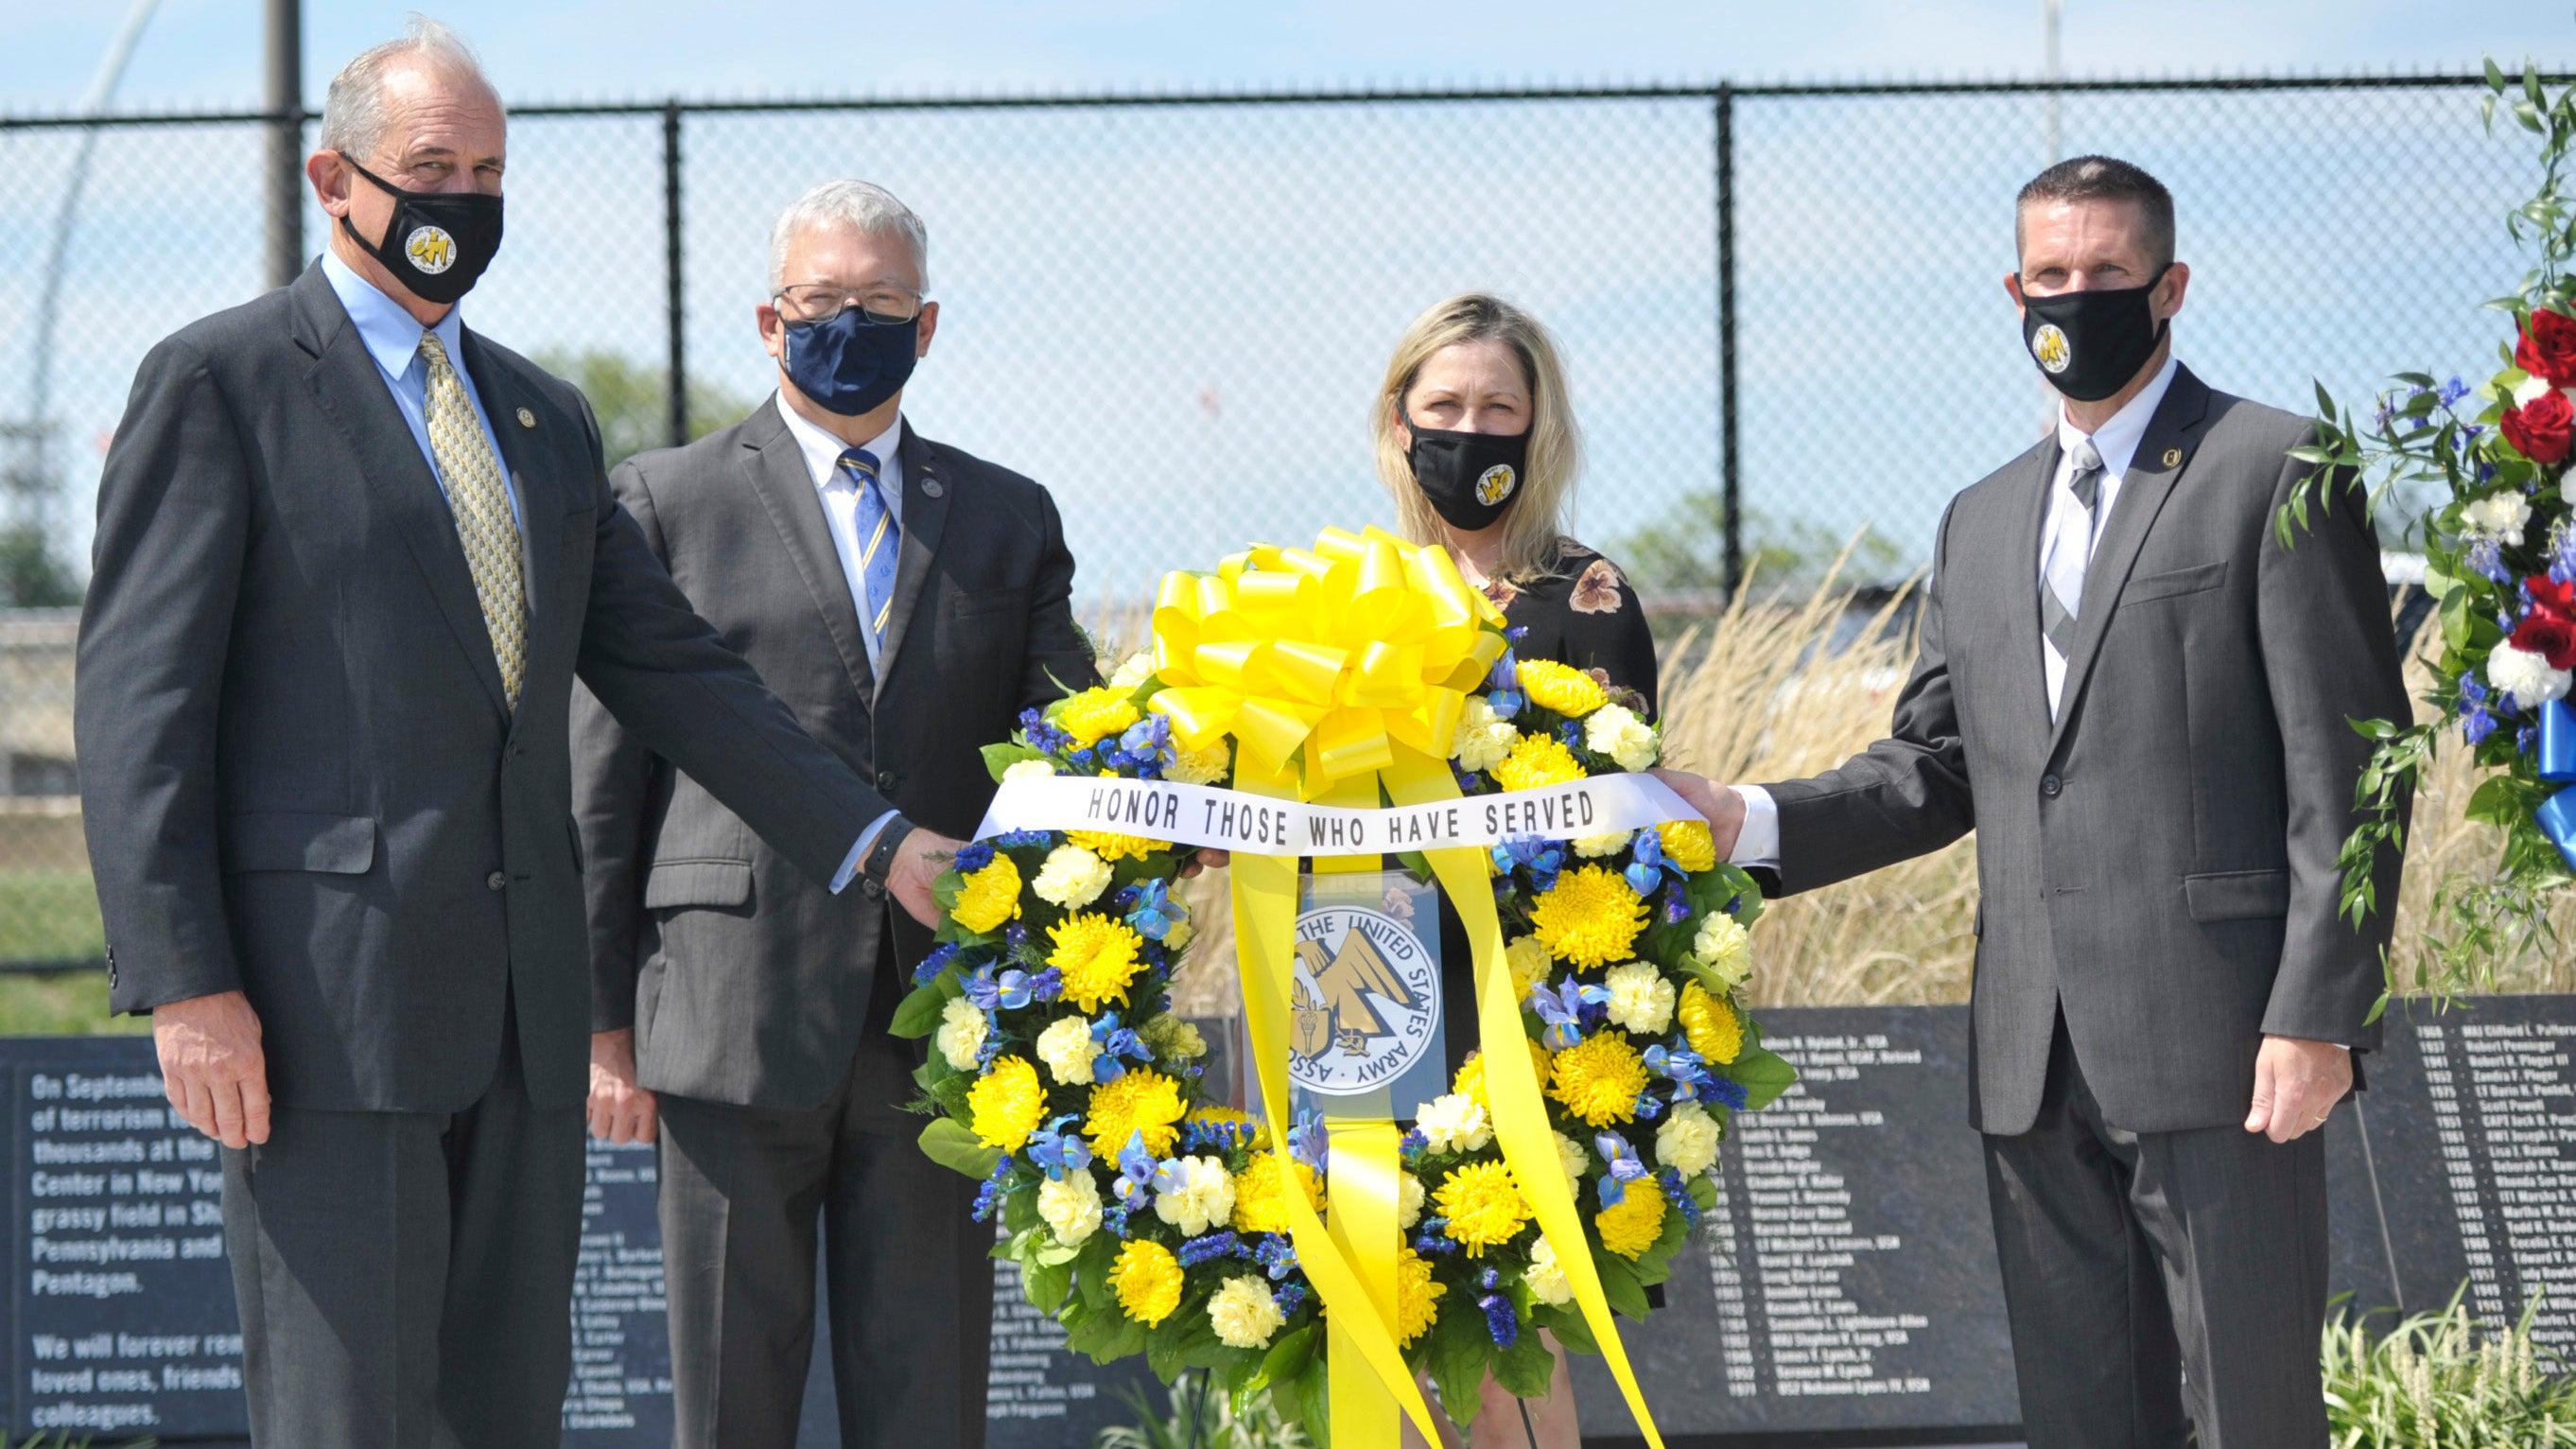 AUSA Honors the Fallen at Pentagon 9/11 Memorial